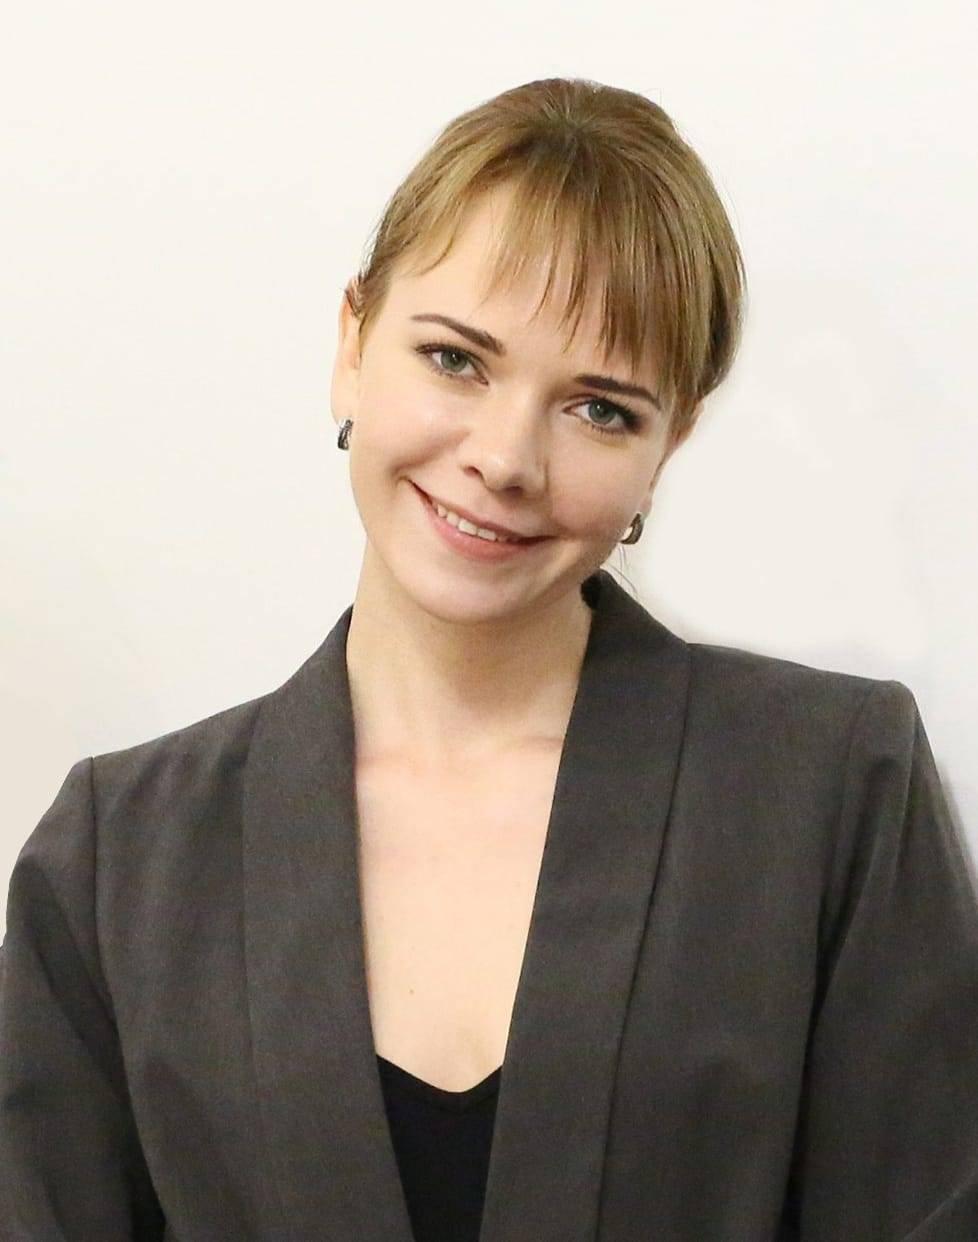 Организатор выставок, исполнительный директор IIC Ольга Машкова